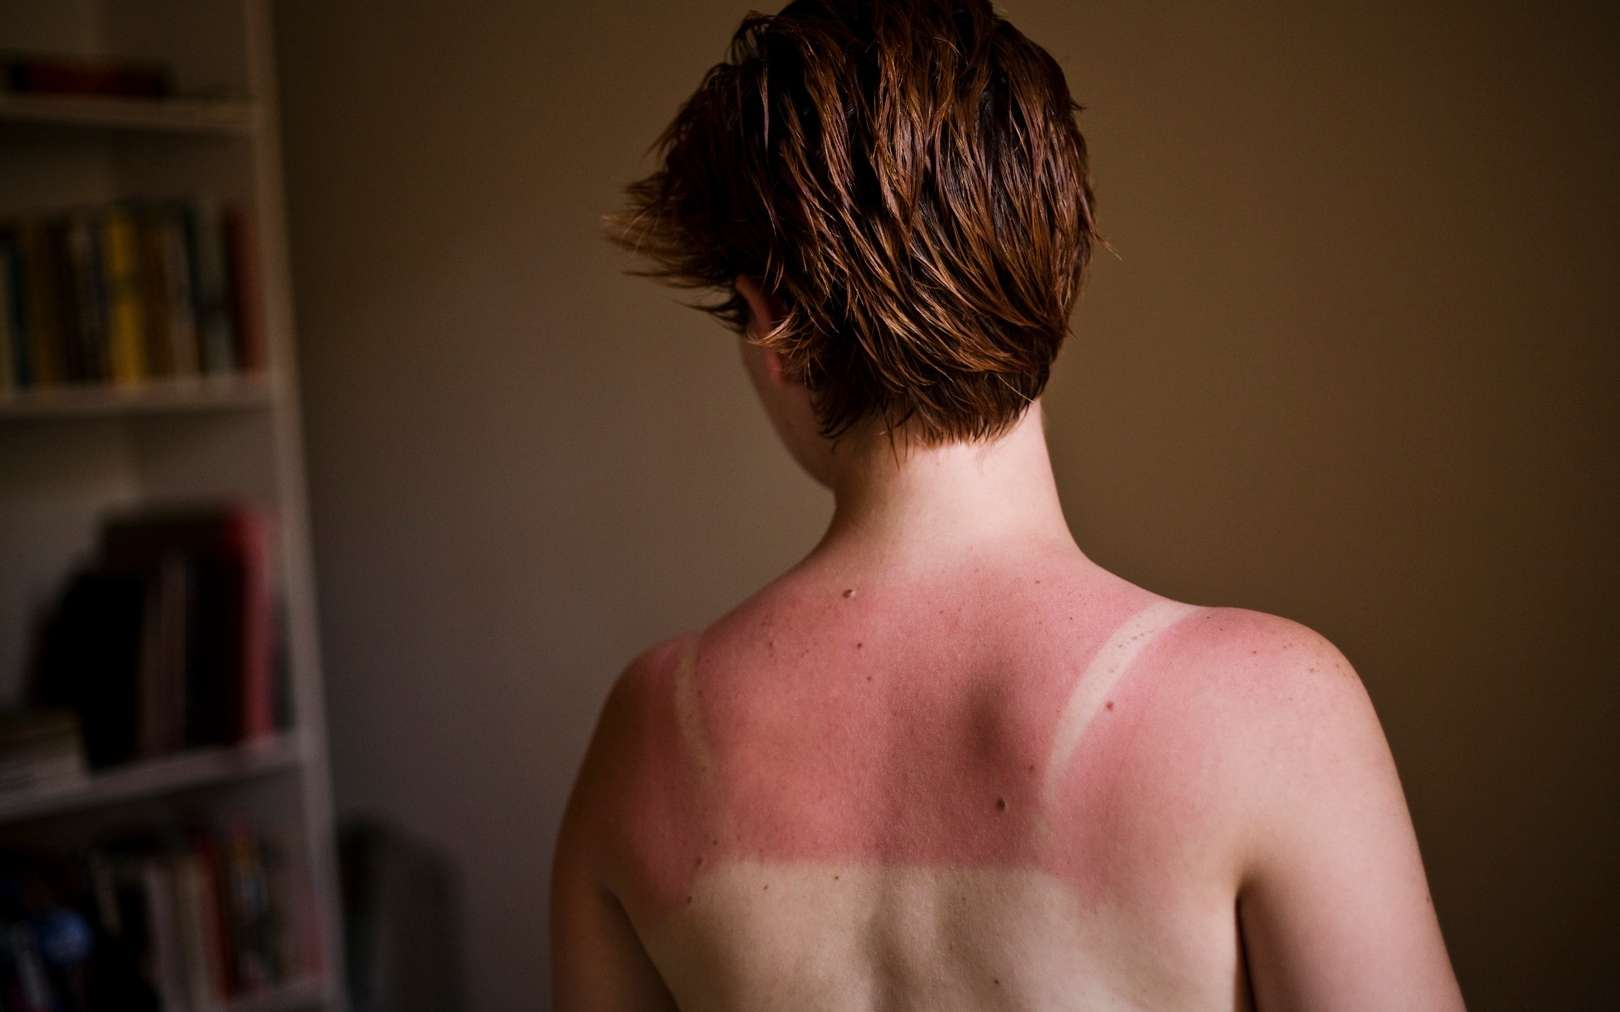 Pour prévenir le développement de carcinomes, mieux vaut éviter les coups de soleil. © Brother O'Mara, Flickr CC by nc nd 3.0